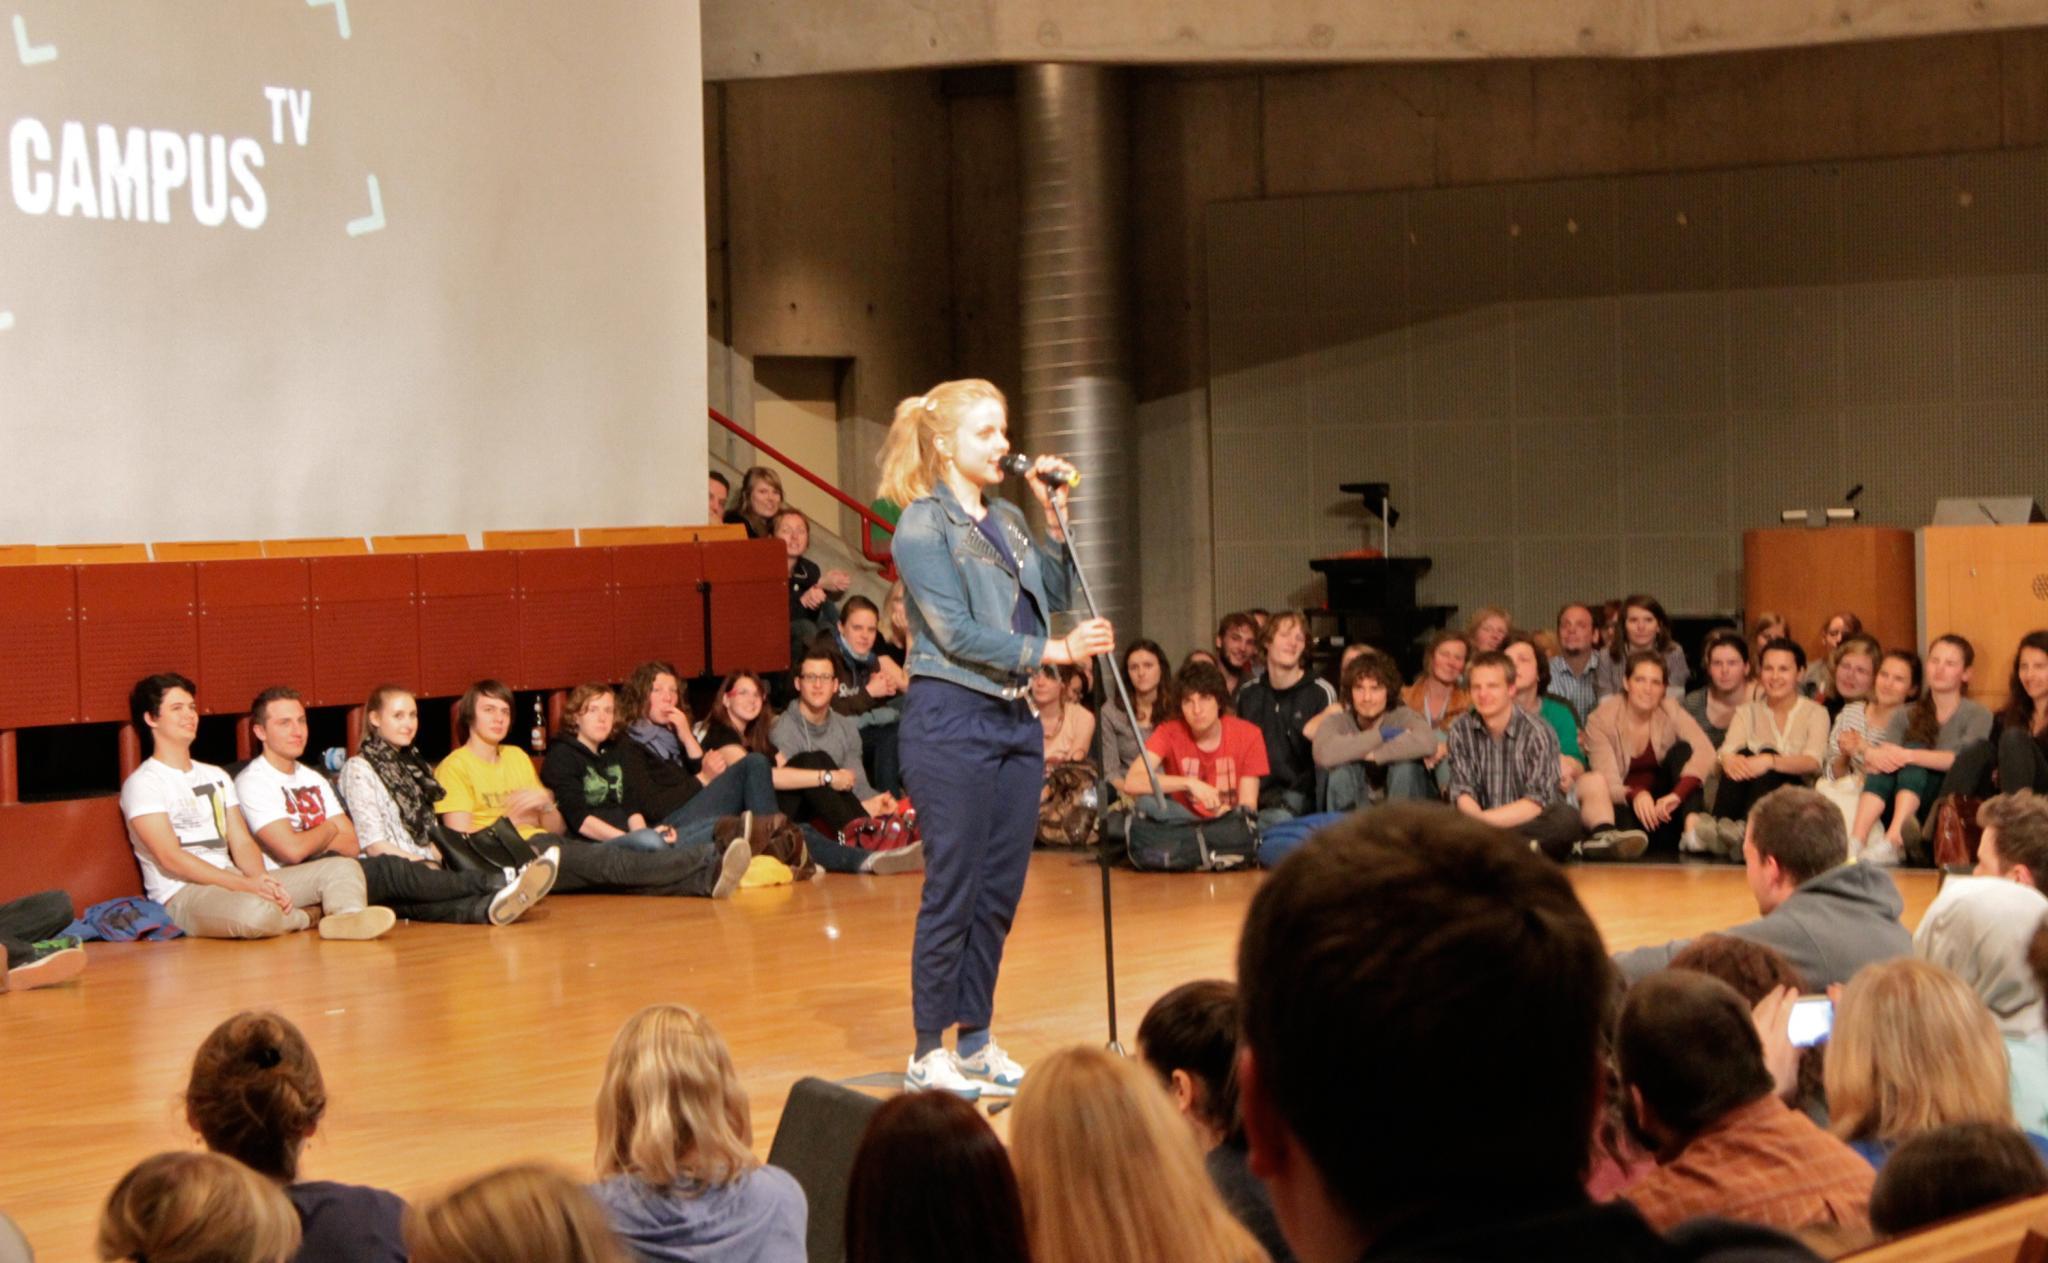 """Julia Engelmann beim """"5. Bielefelder Hörsaal-Slam"""" im Sommer 2013. Der Auftritt machte sie deutschlandweit berühmt, nachdem das Video bei Facebook geteilt wurde."""